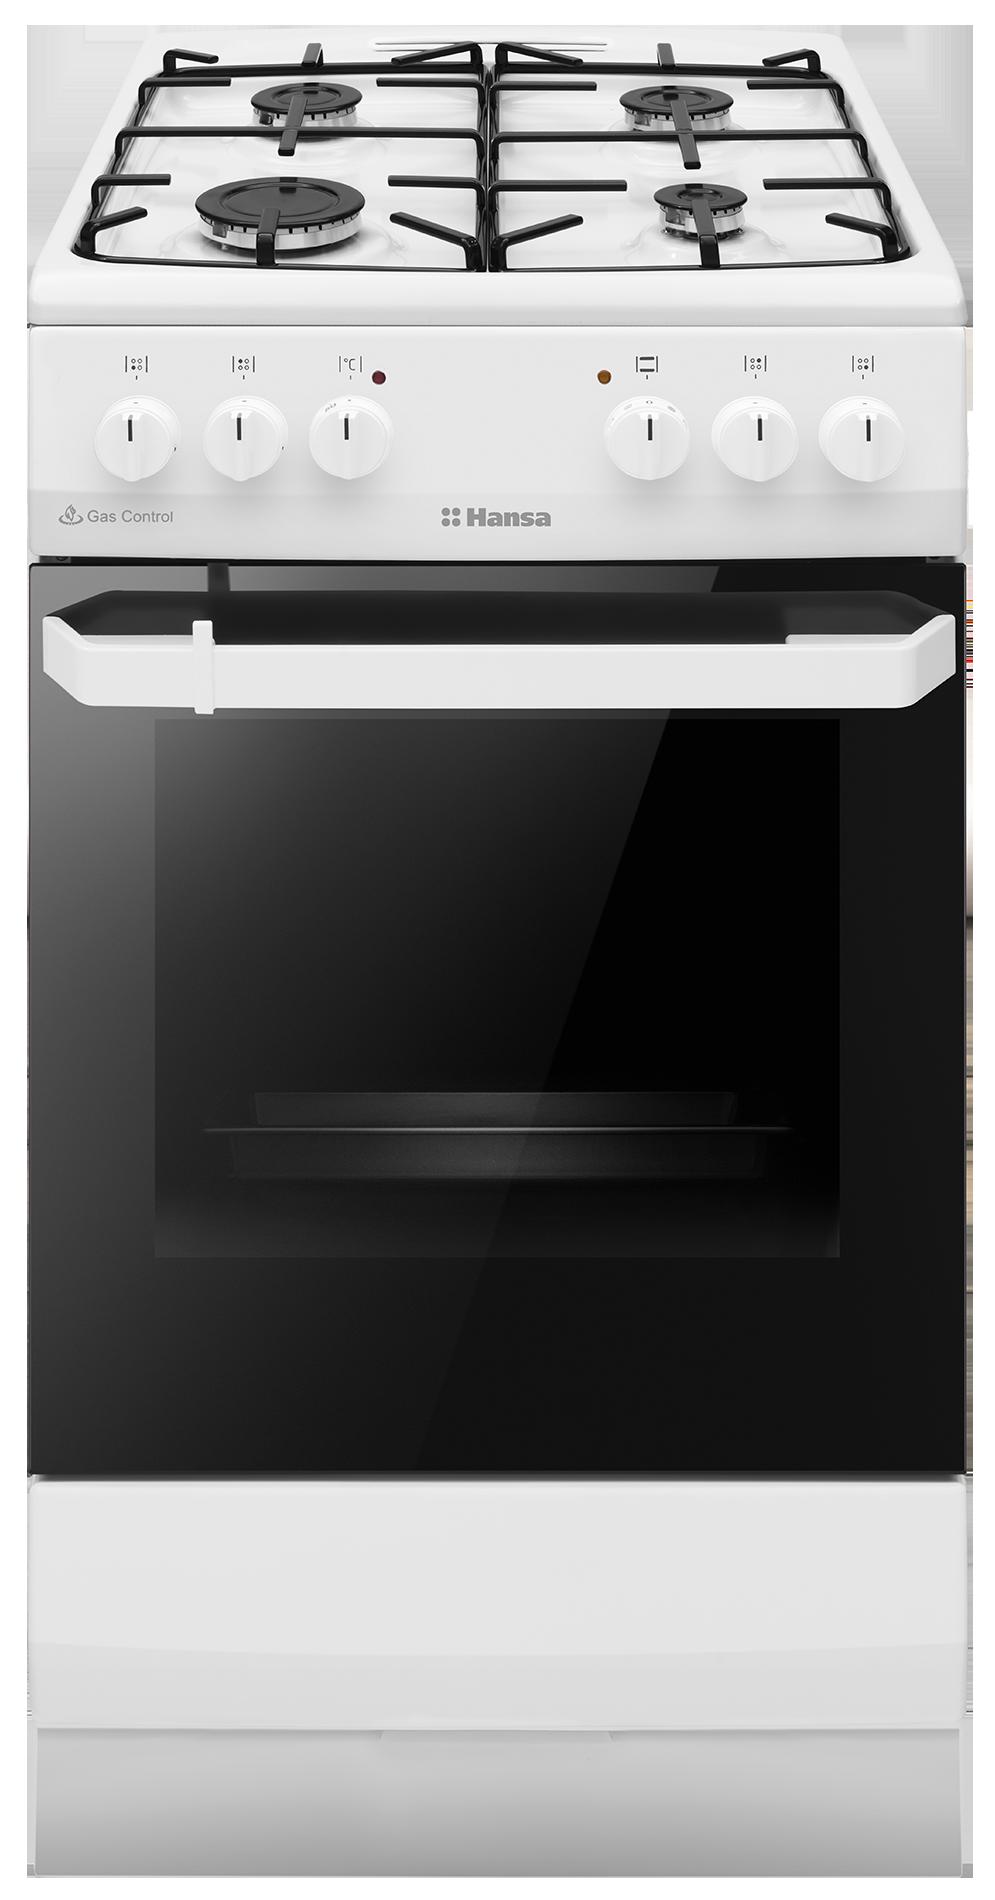 FCMW56069 - Laisvai statoma viryklė su dujine kaitlente